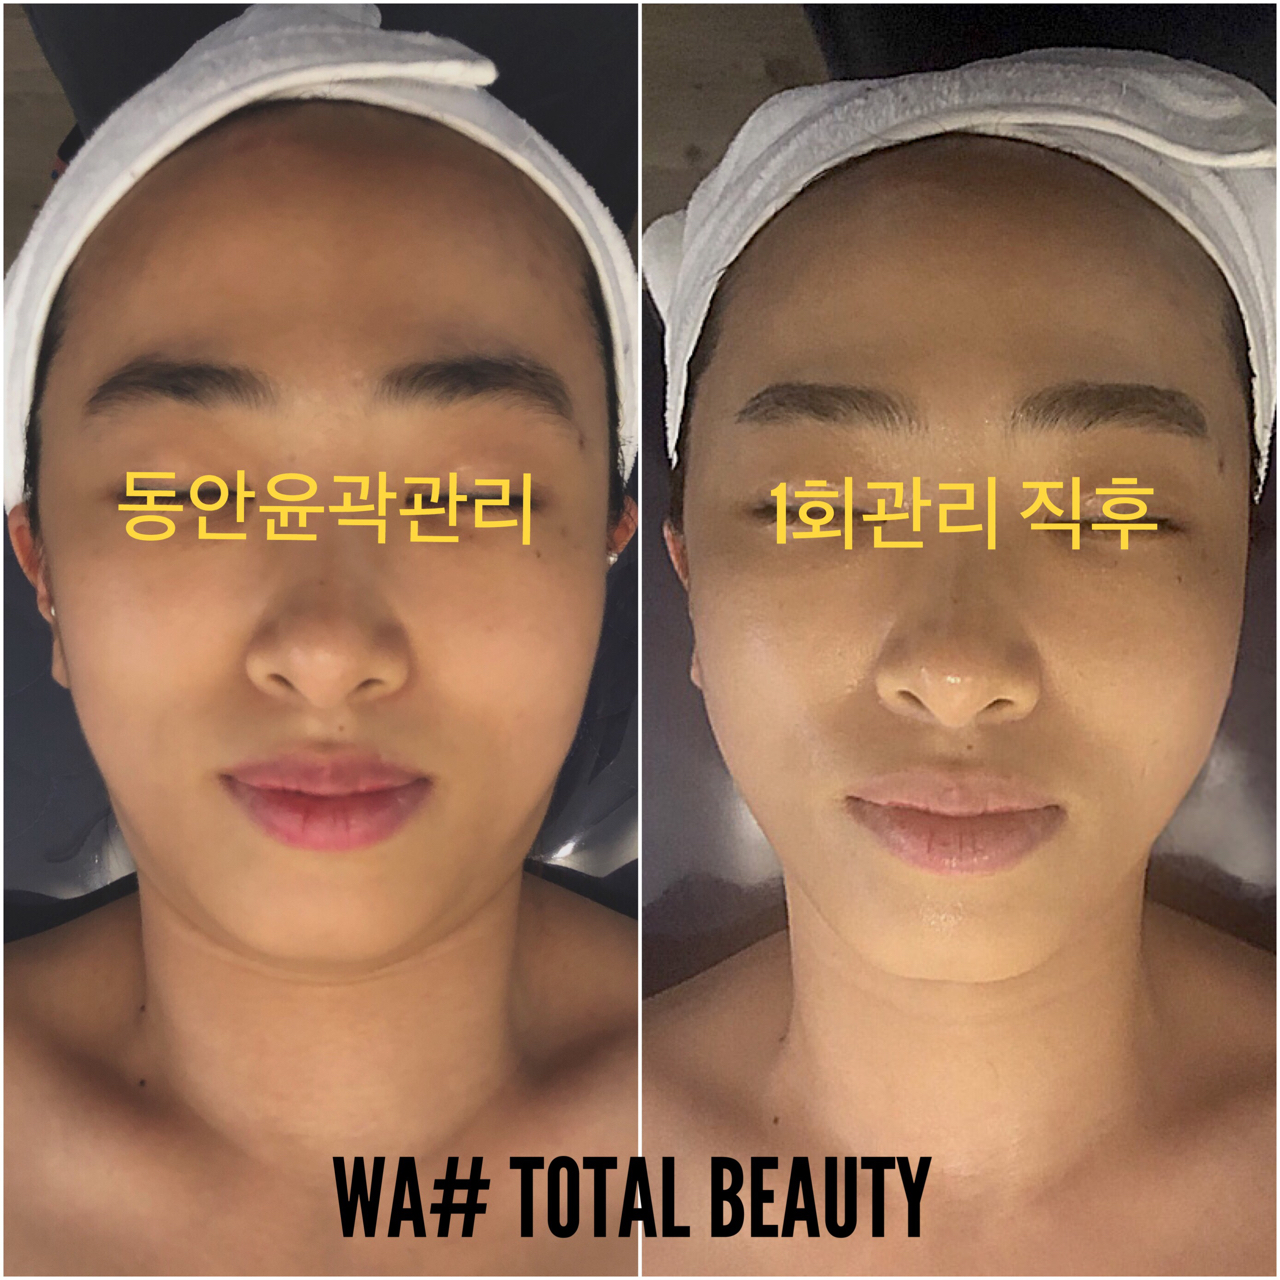 명덕역/작은얼굴만들기/물광피부/문제성피부전문/왁싱전문점